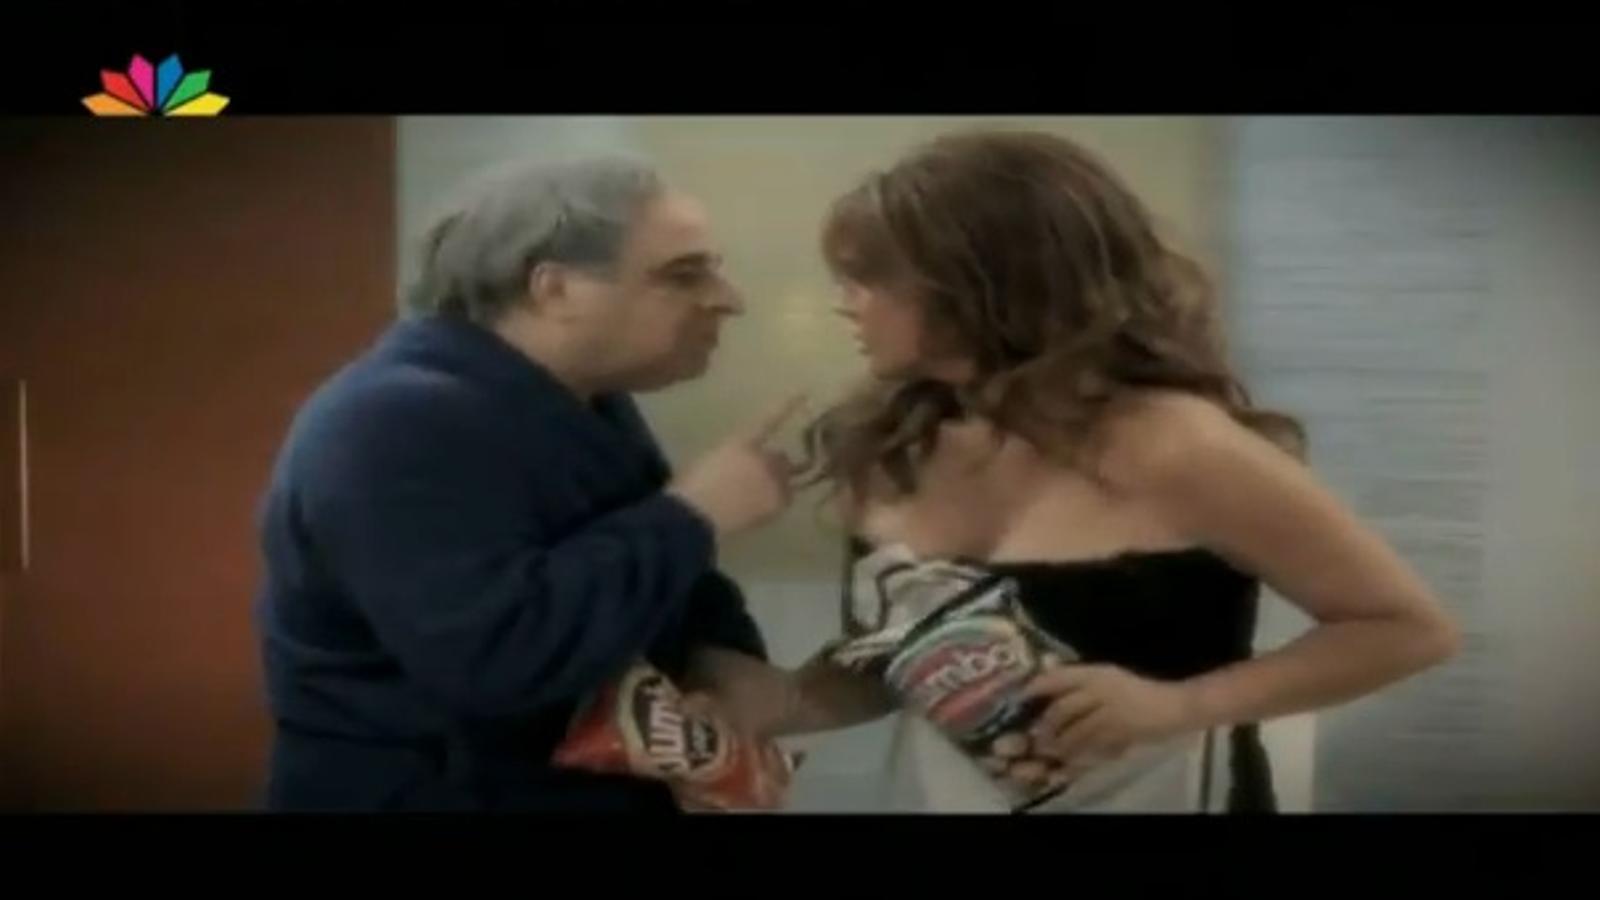 Un espot publicitari recrea la suposada escena de violació d'Strauss-Kahn